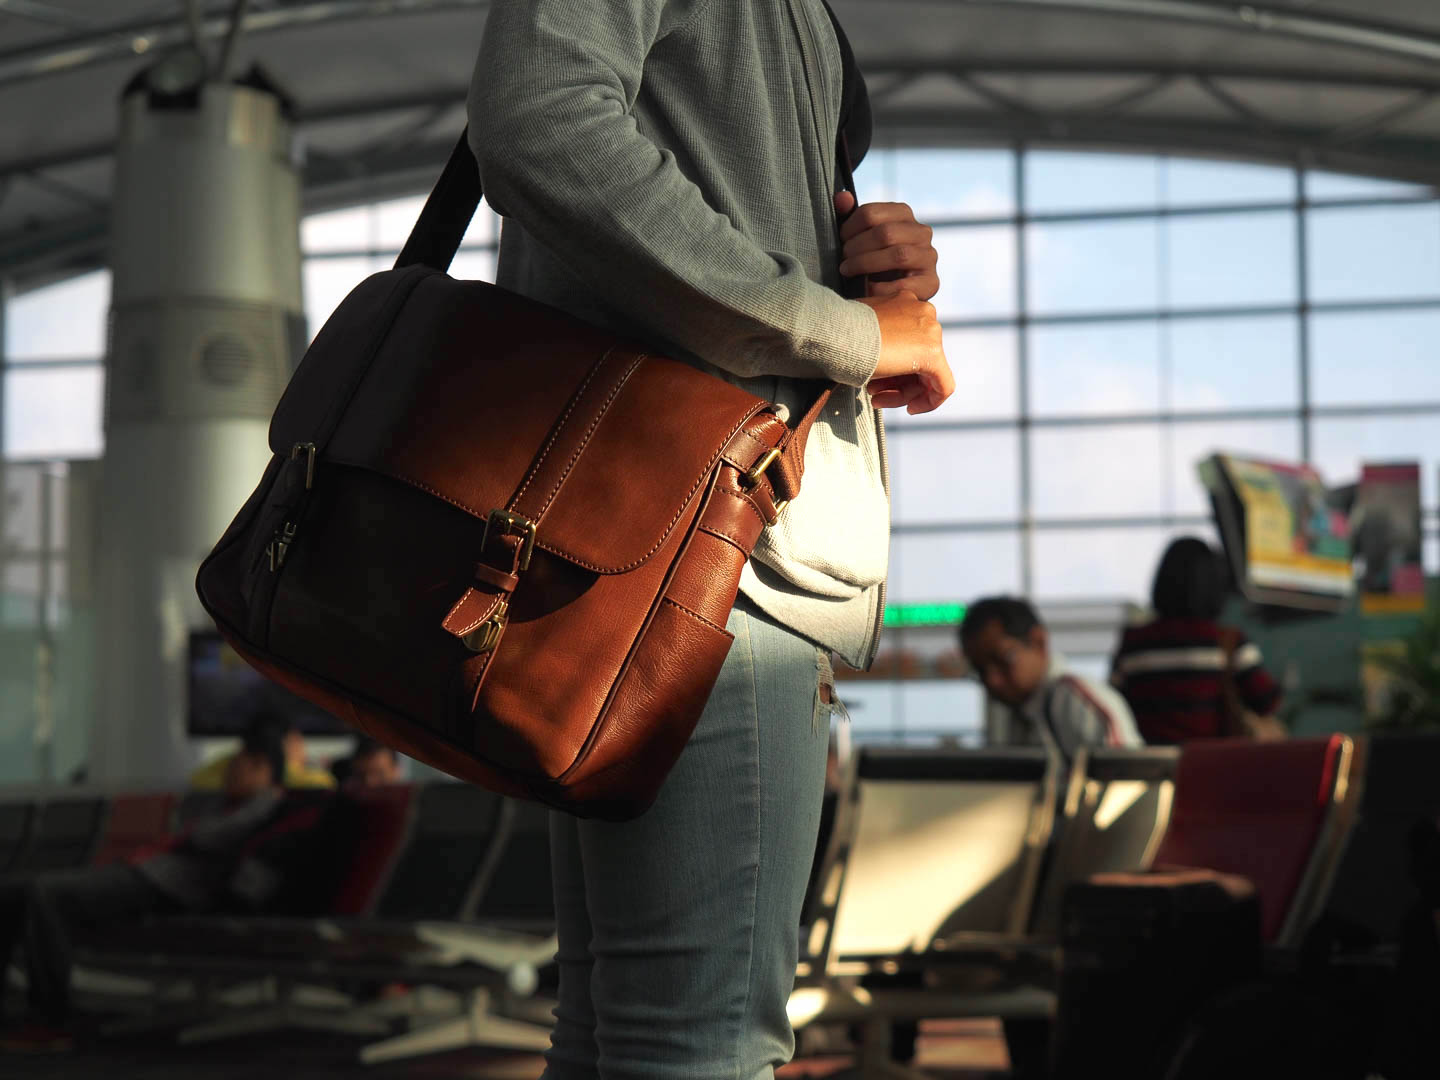 Tas selempang kulit. Terlihat sangat kece, tapi berat.